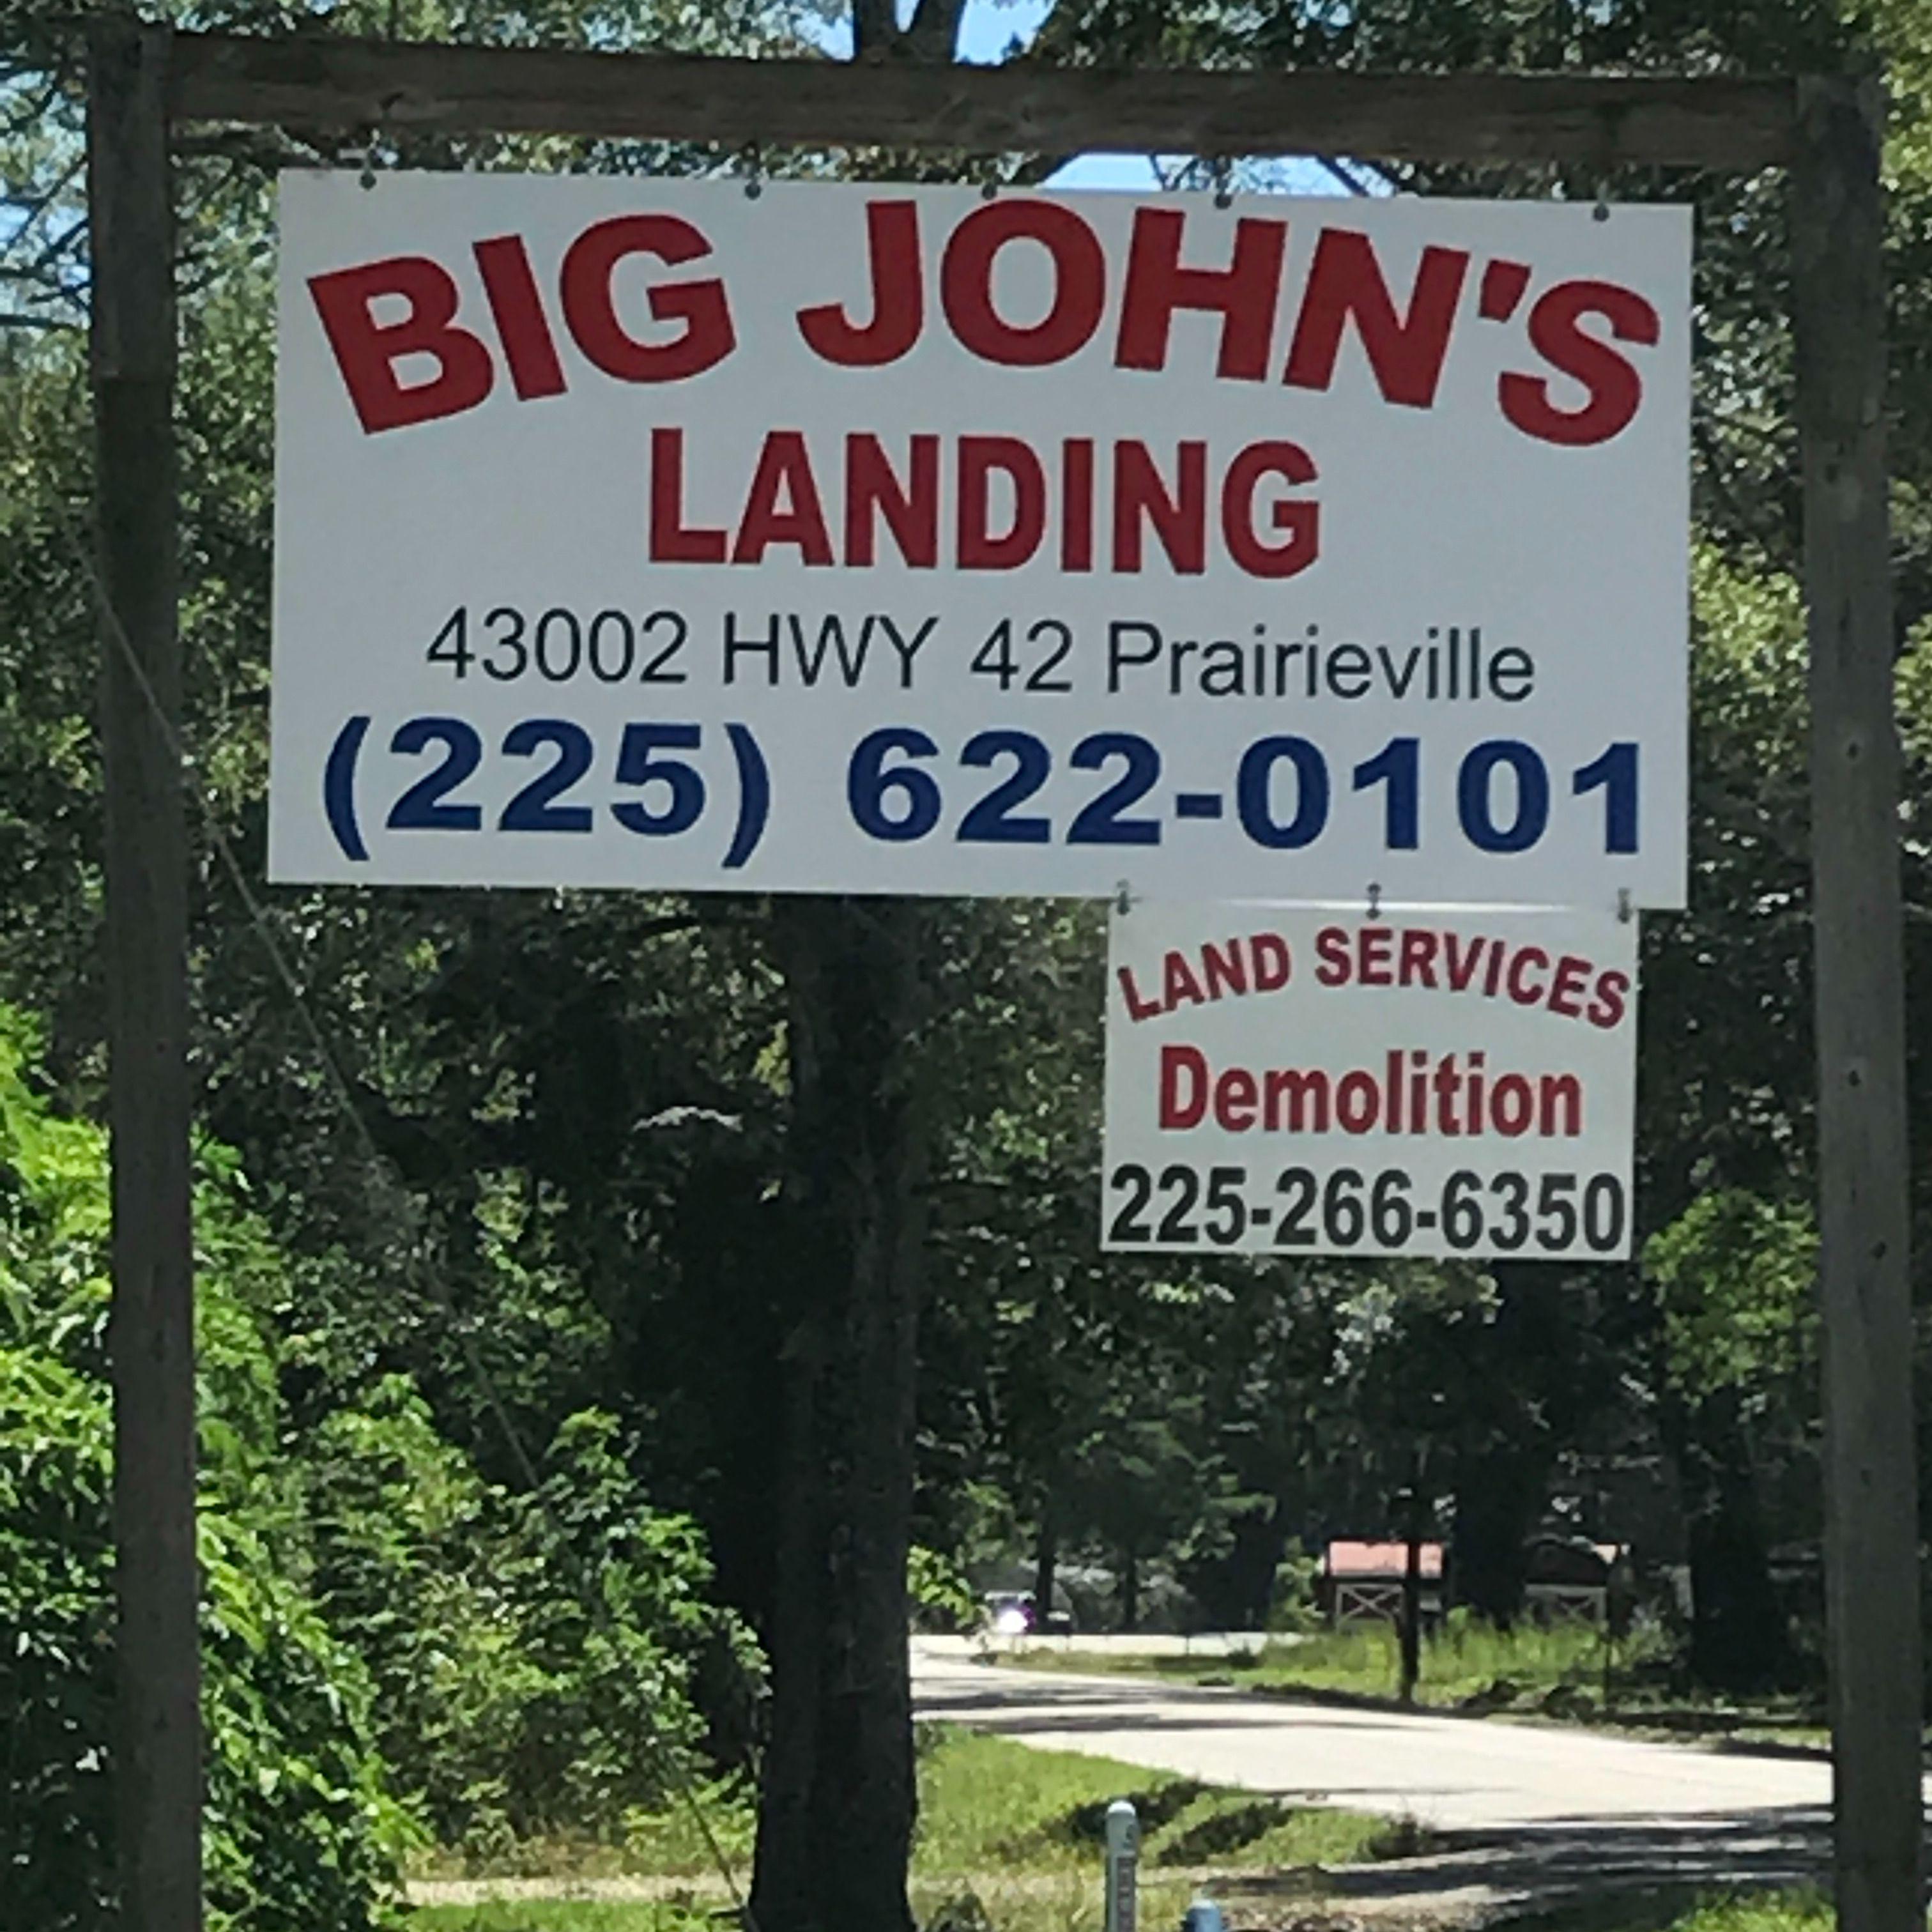 Big John's Landing